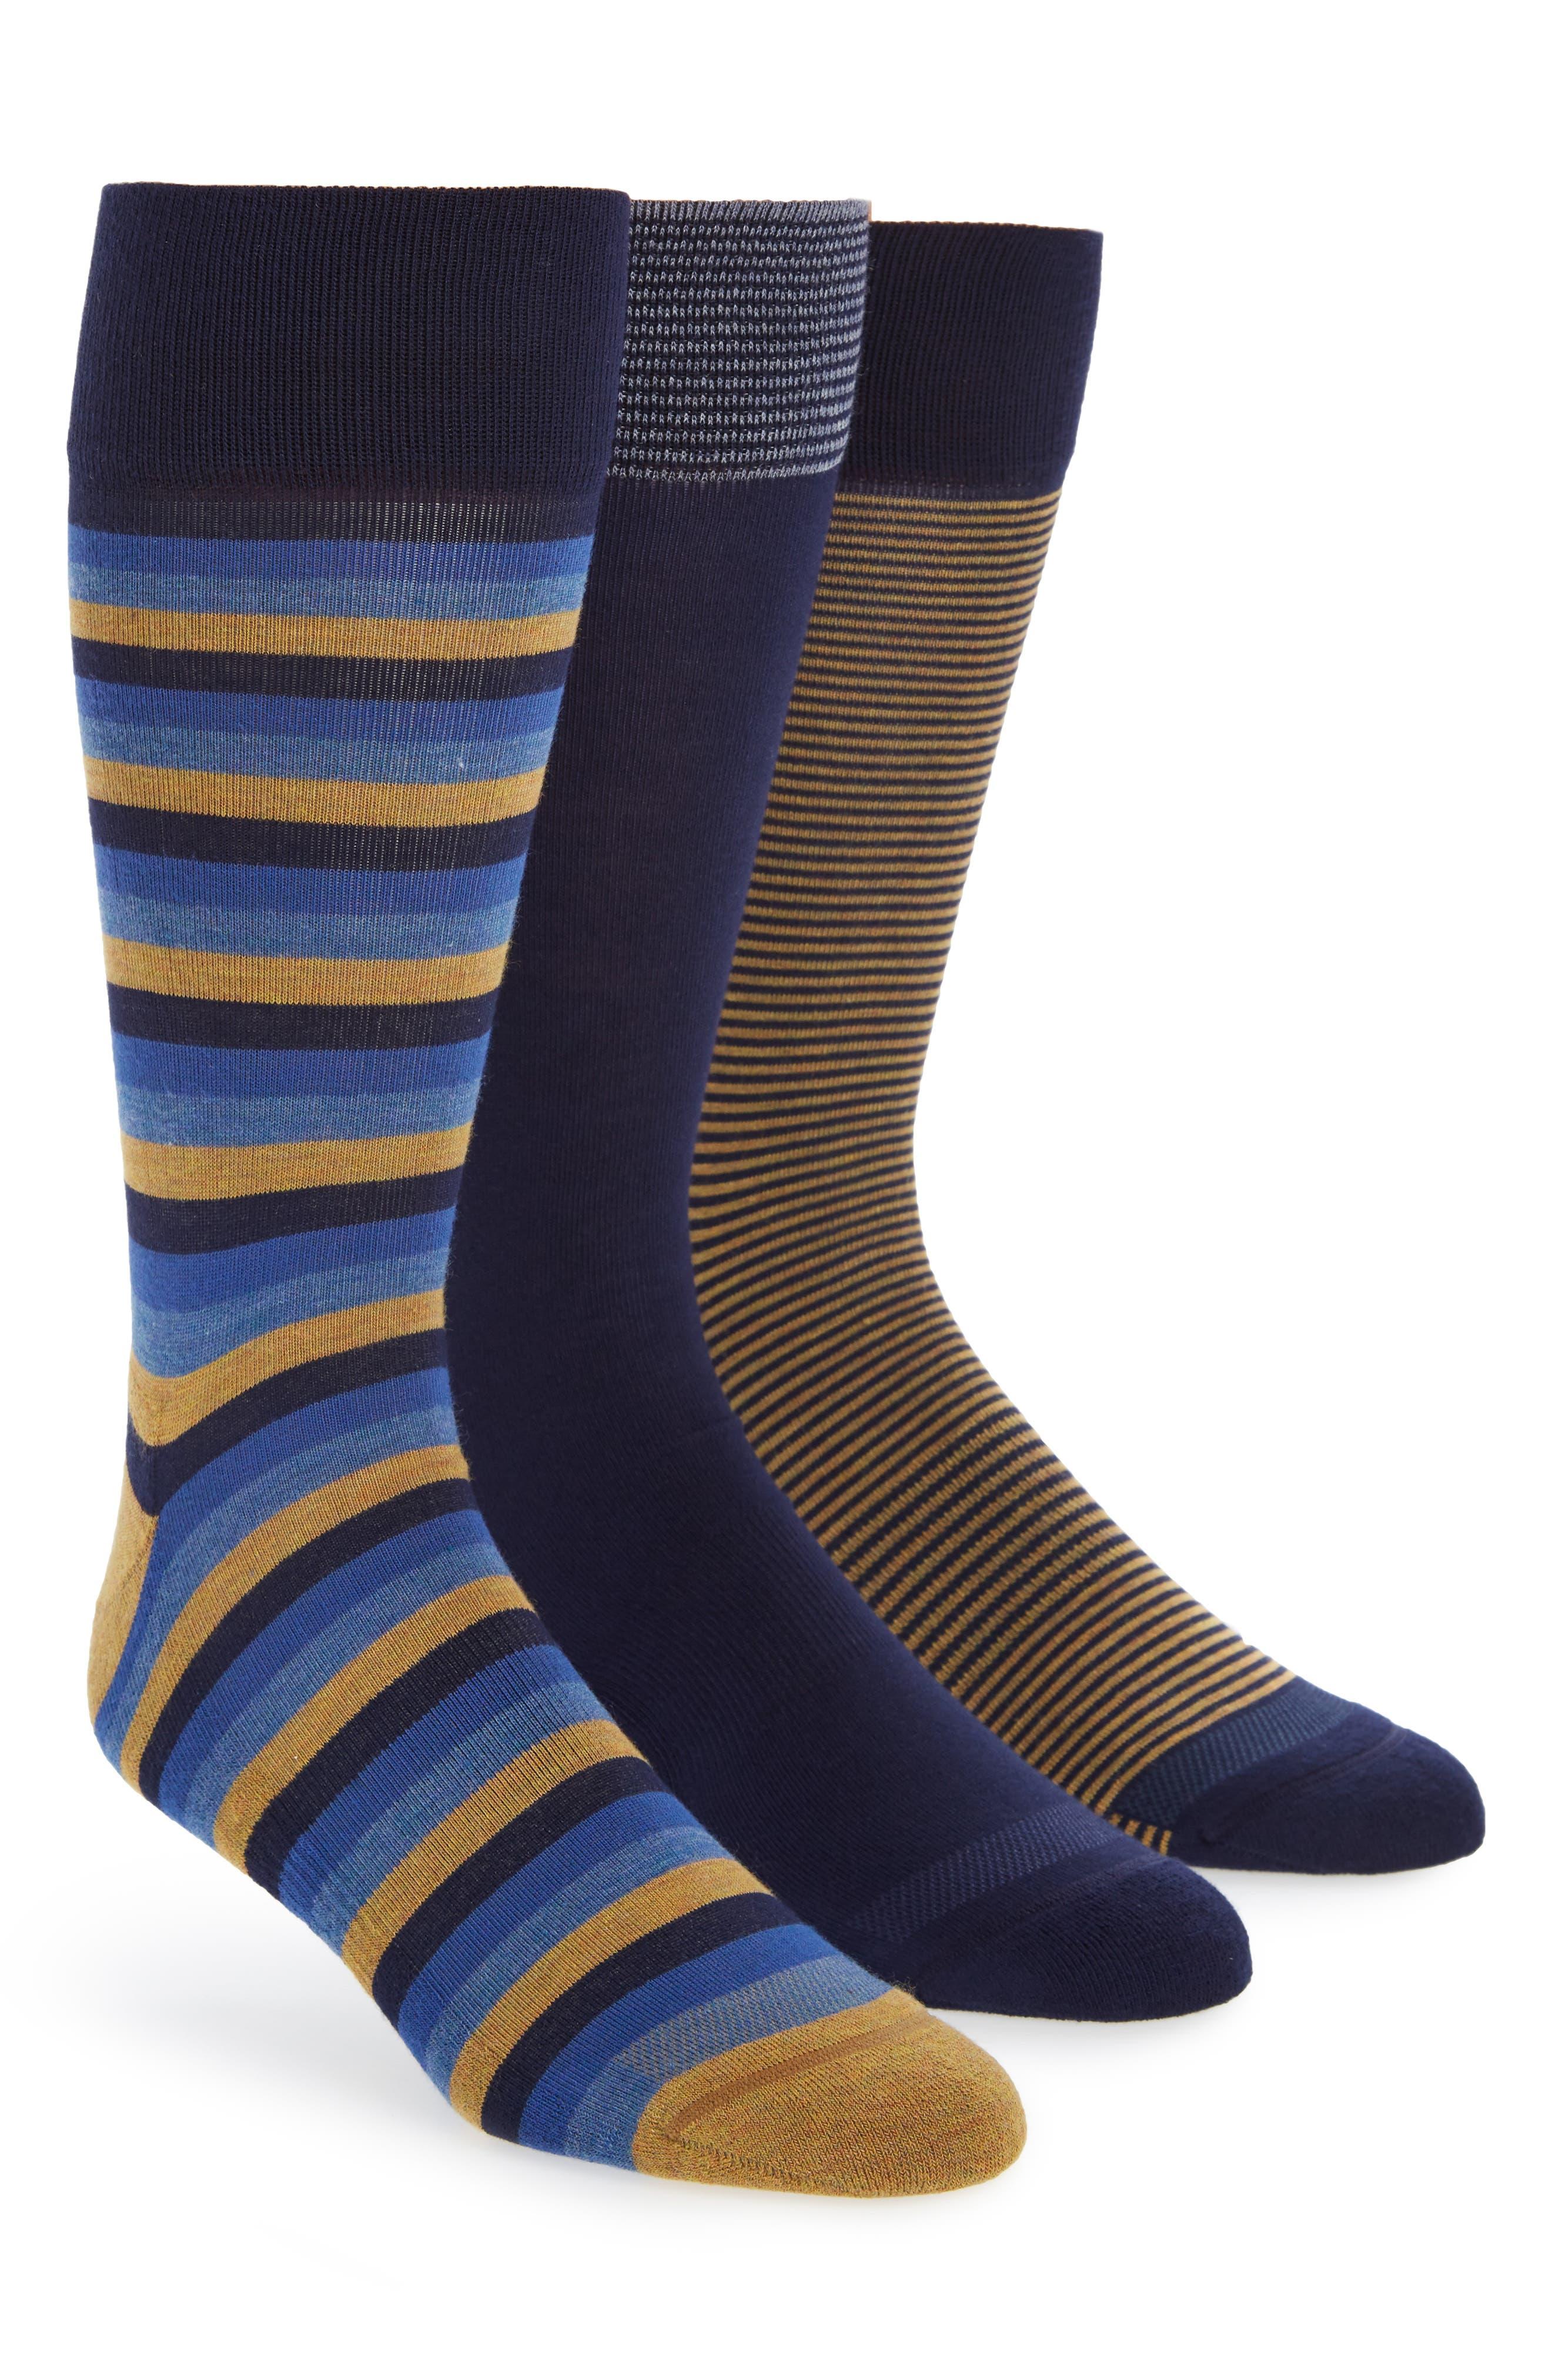 Nordstrom Men's Shop 3-Pack Assorted Dress Socks